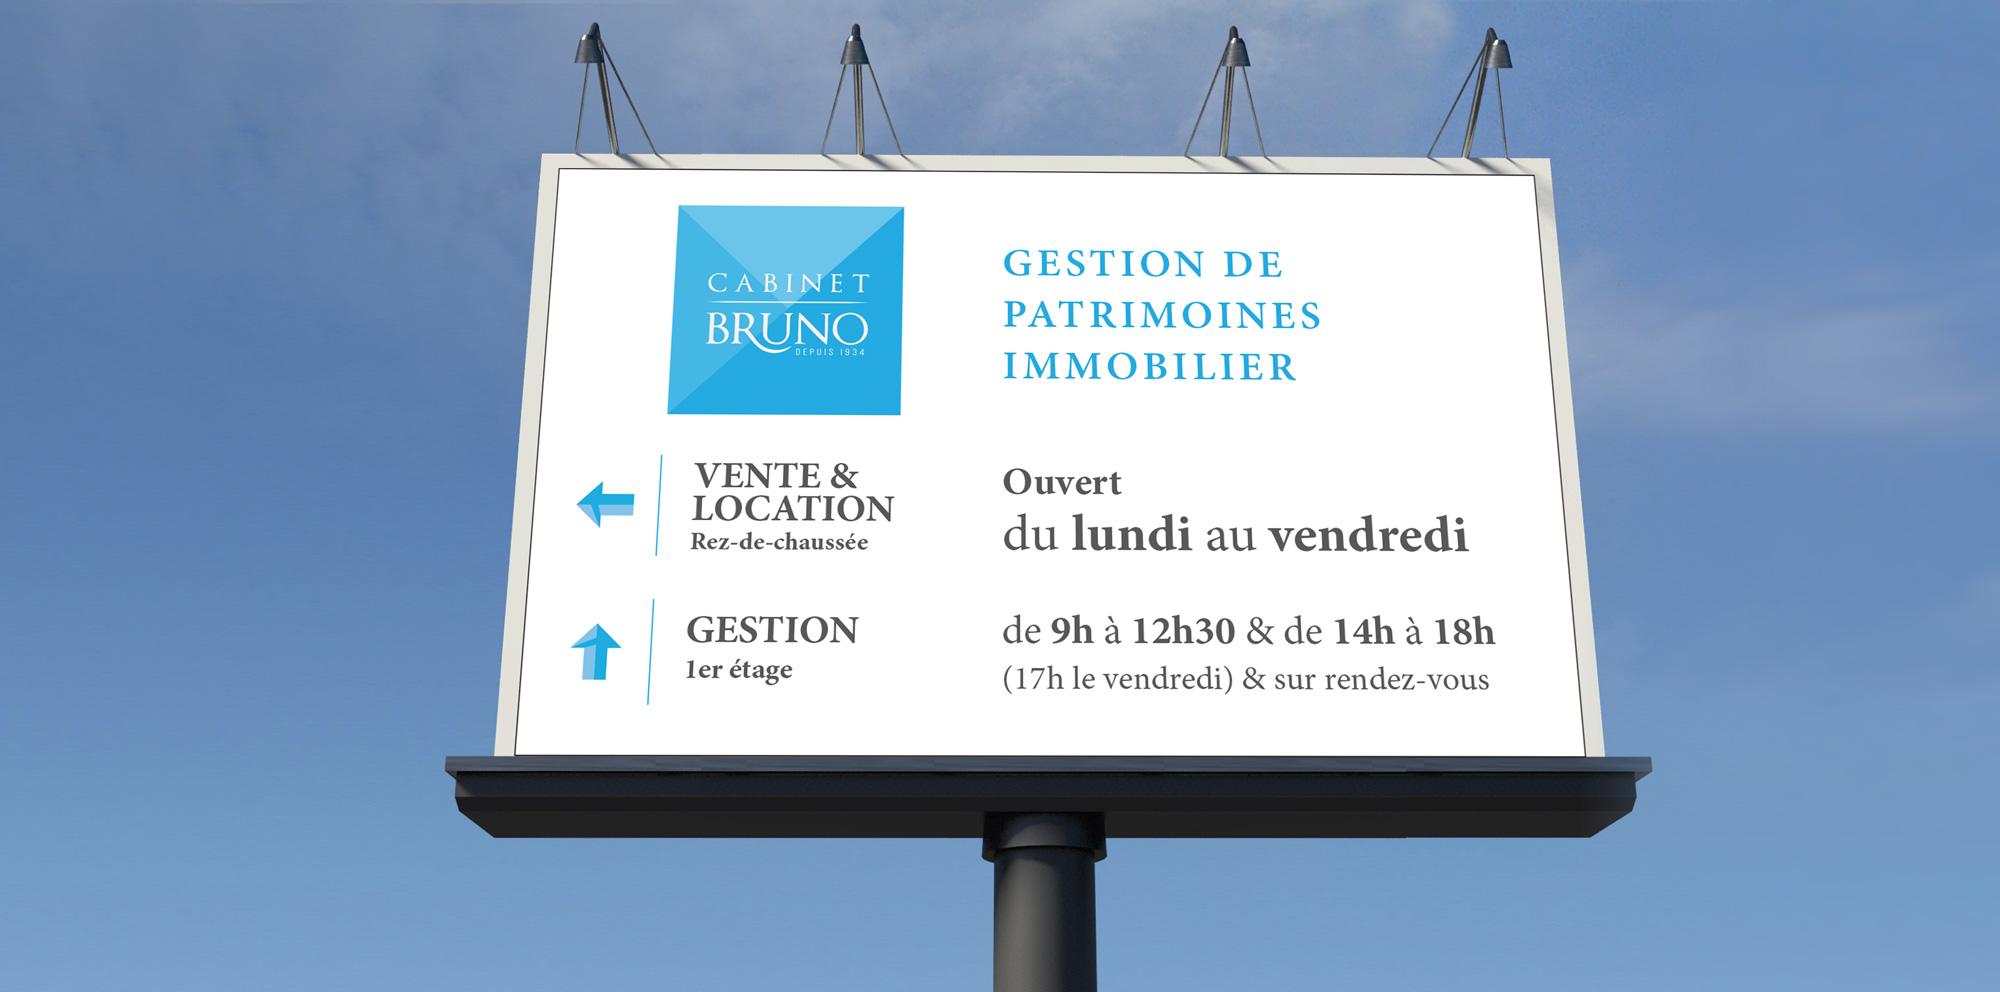 Affiche-Cabinet-Bruno-1